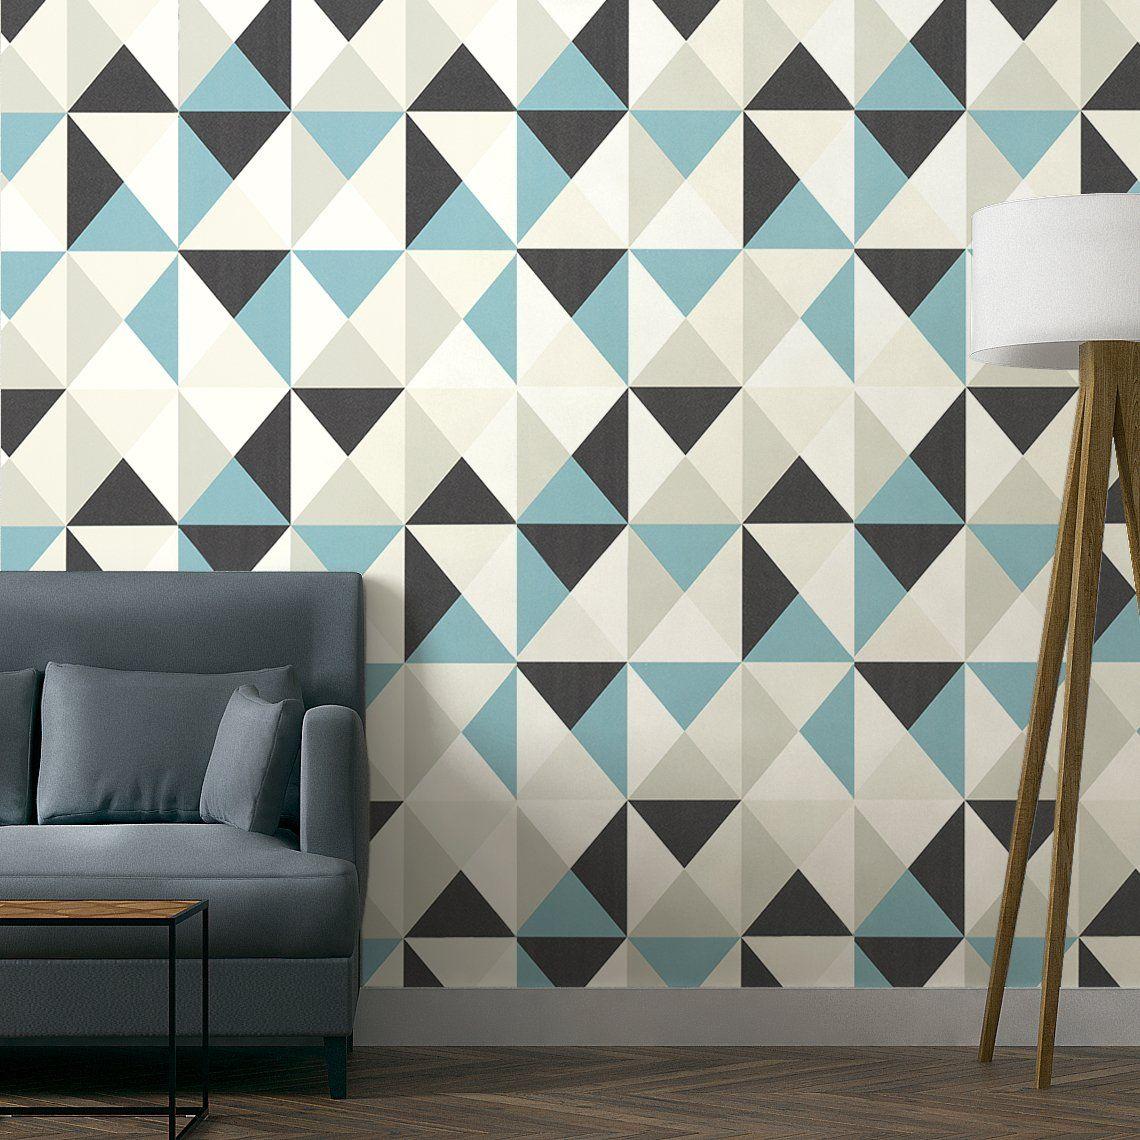 papier peint bill expans sur intiss motif polygone. Black Bedroom Furniture Sets. Home Design Ideas